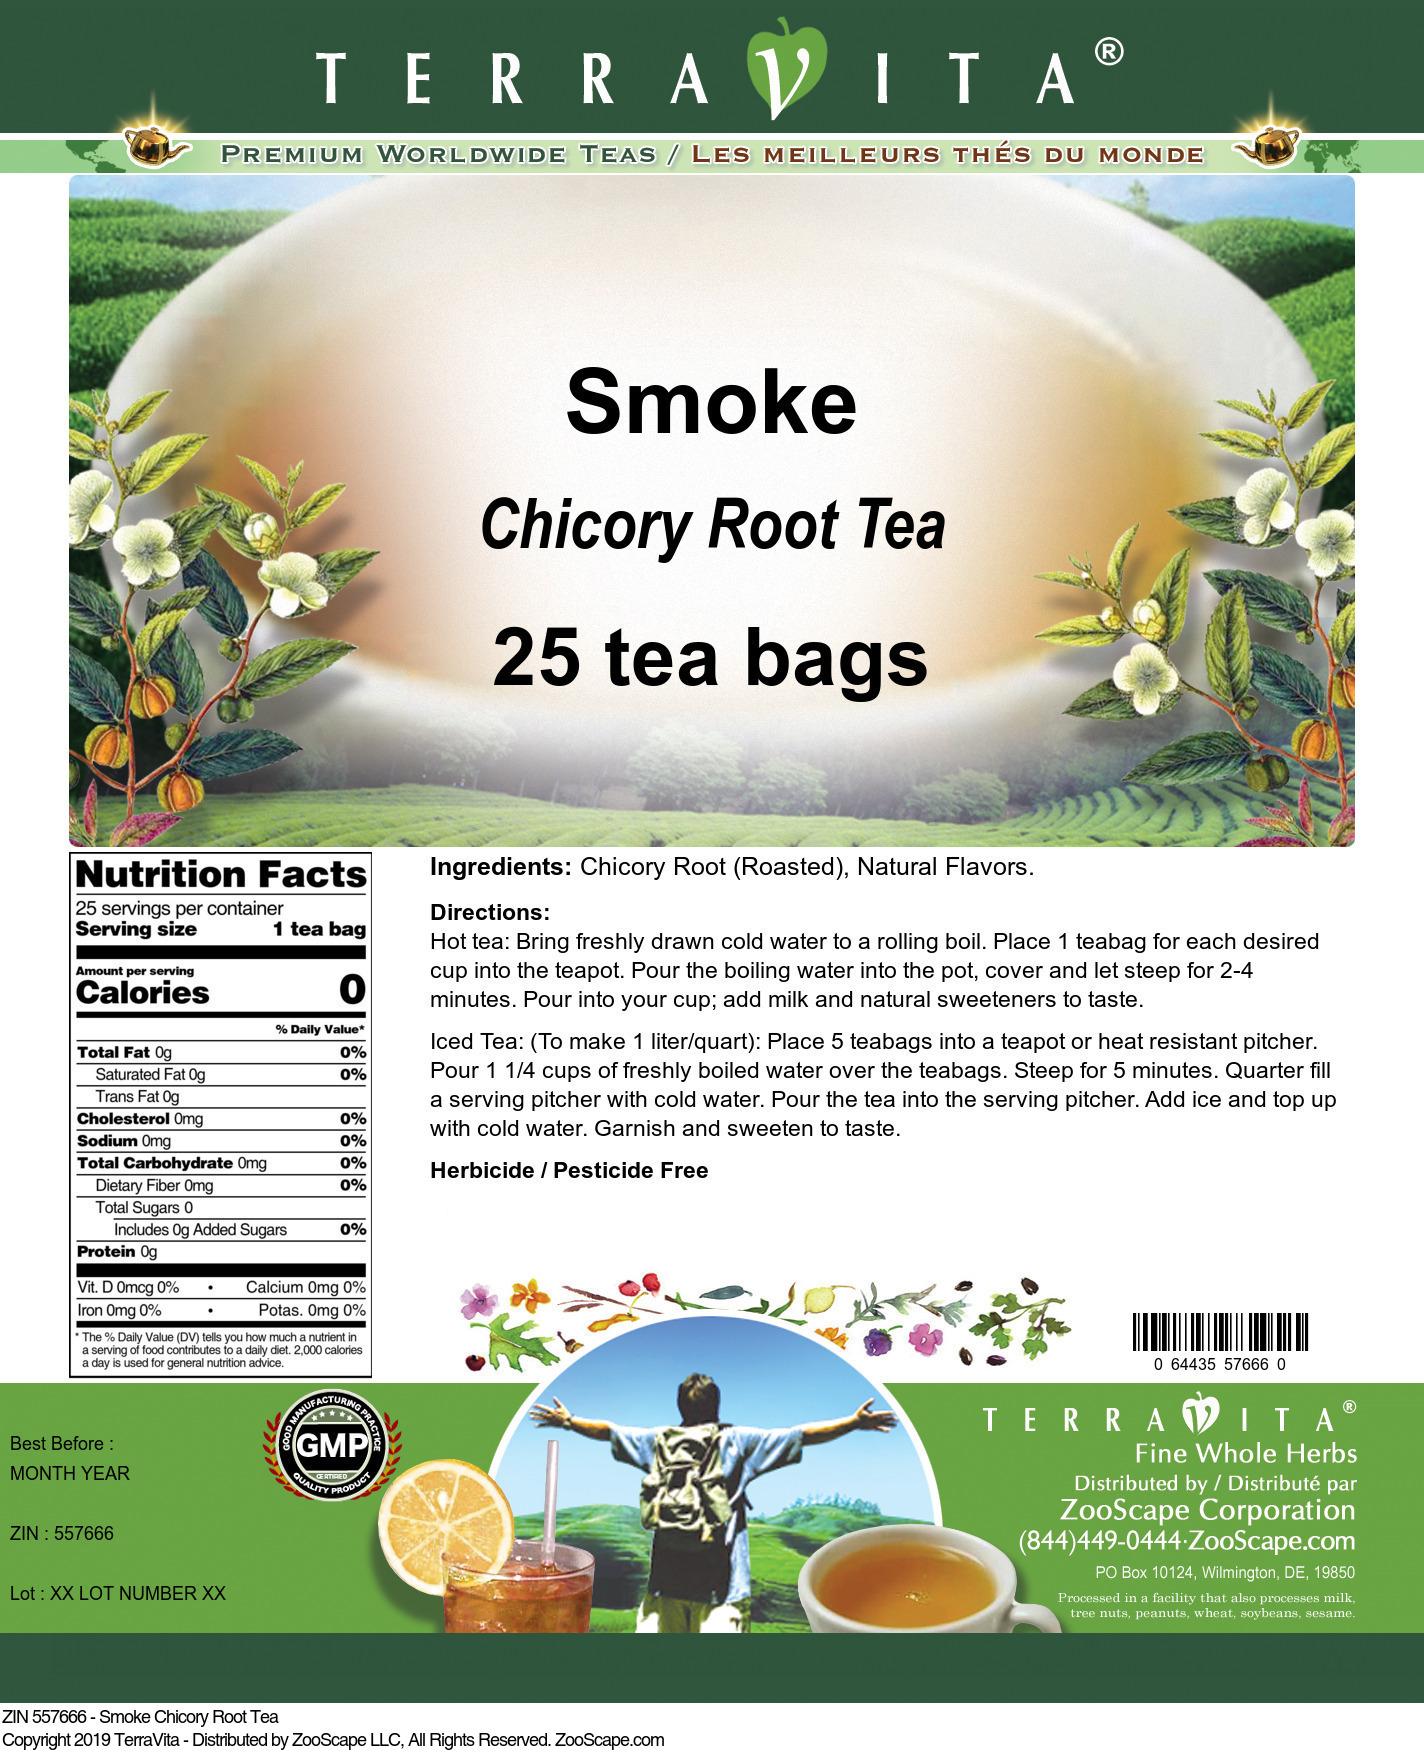 Smoke Chicory Root